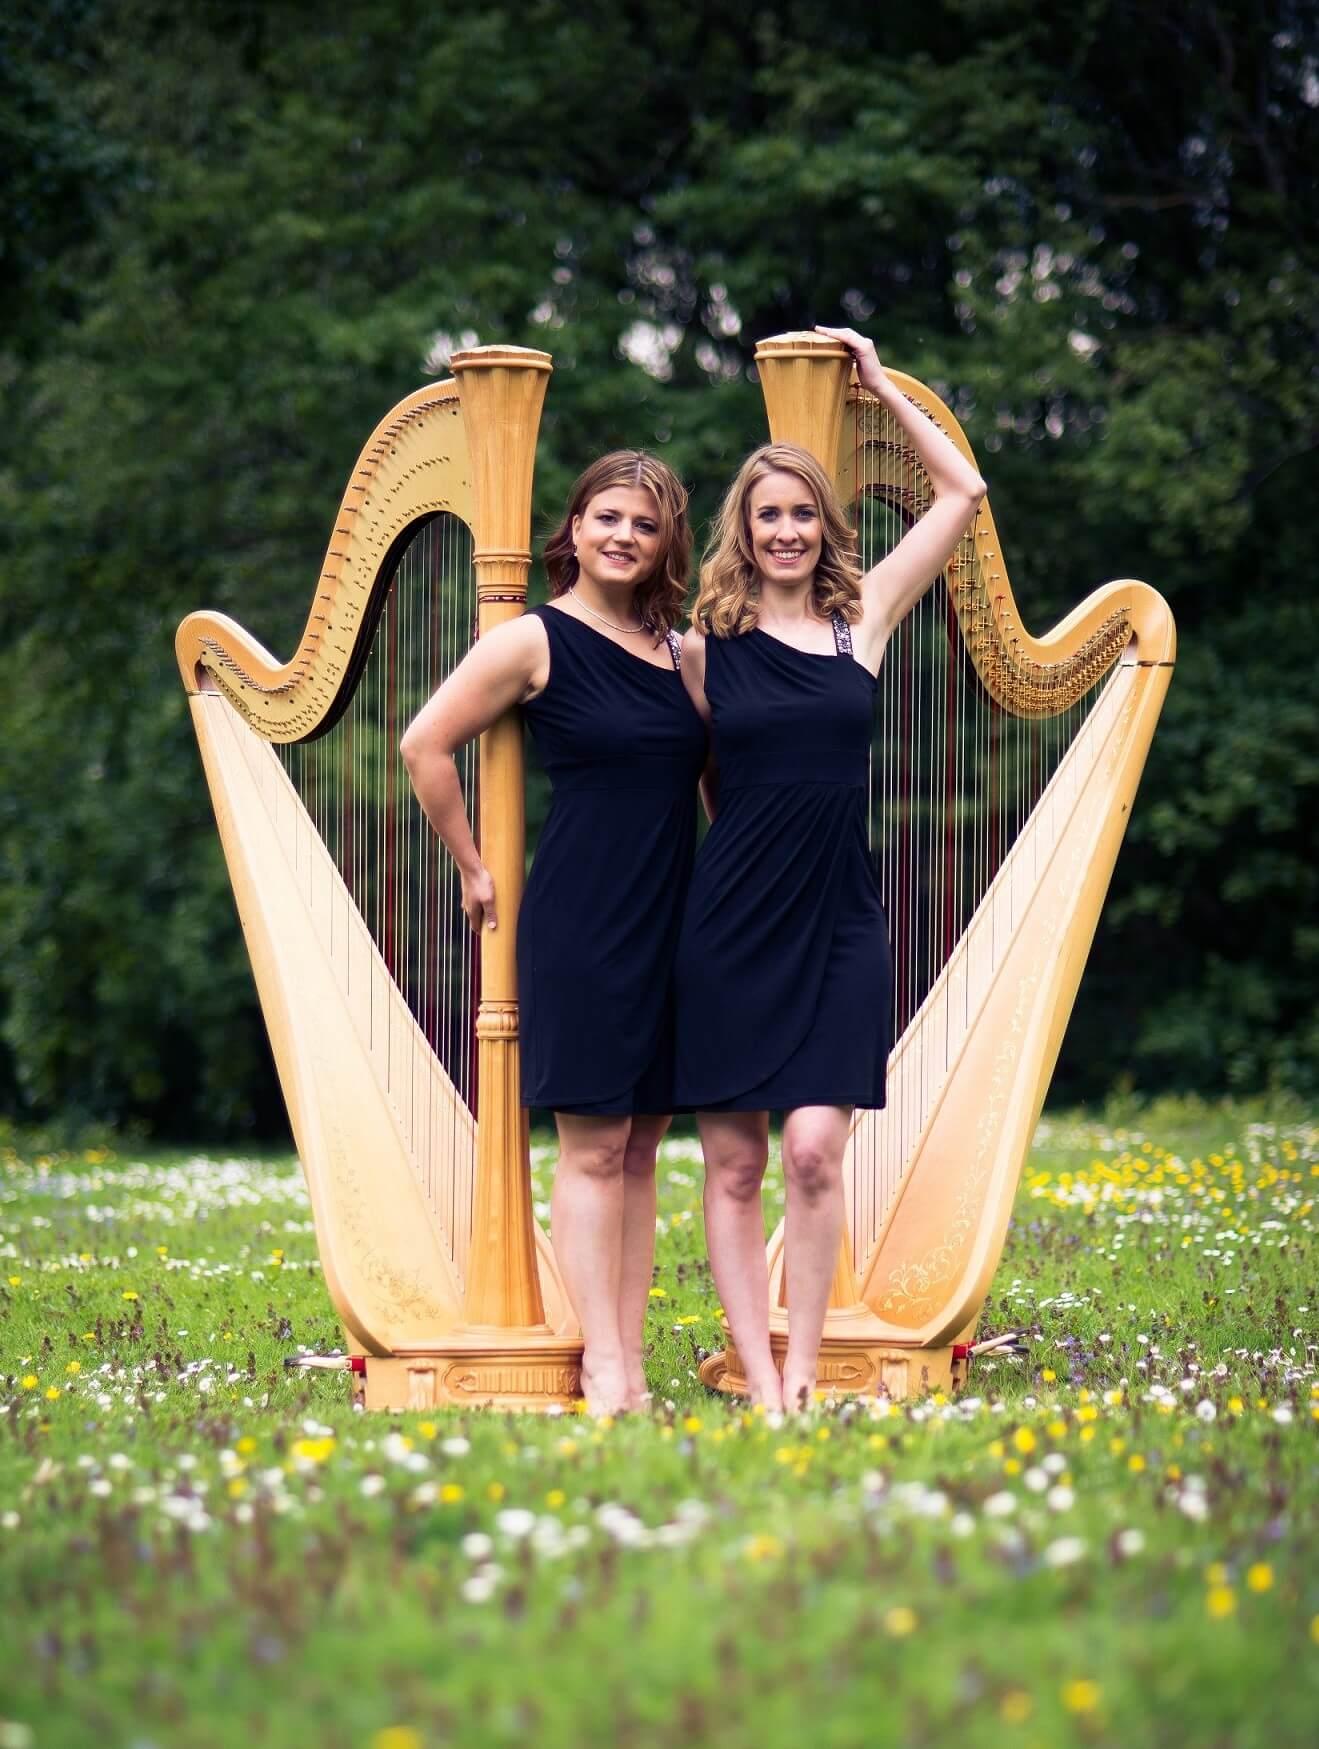 Harparlando-Konzert Worms